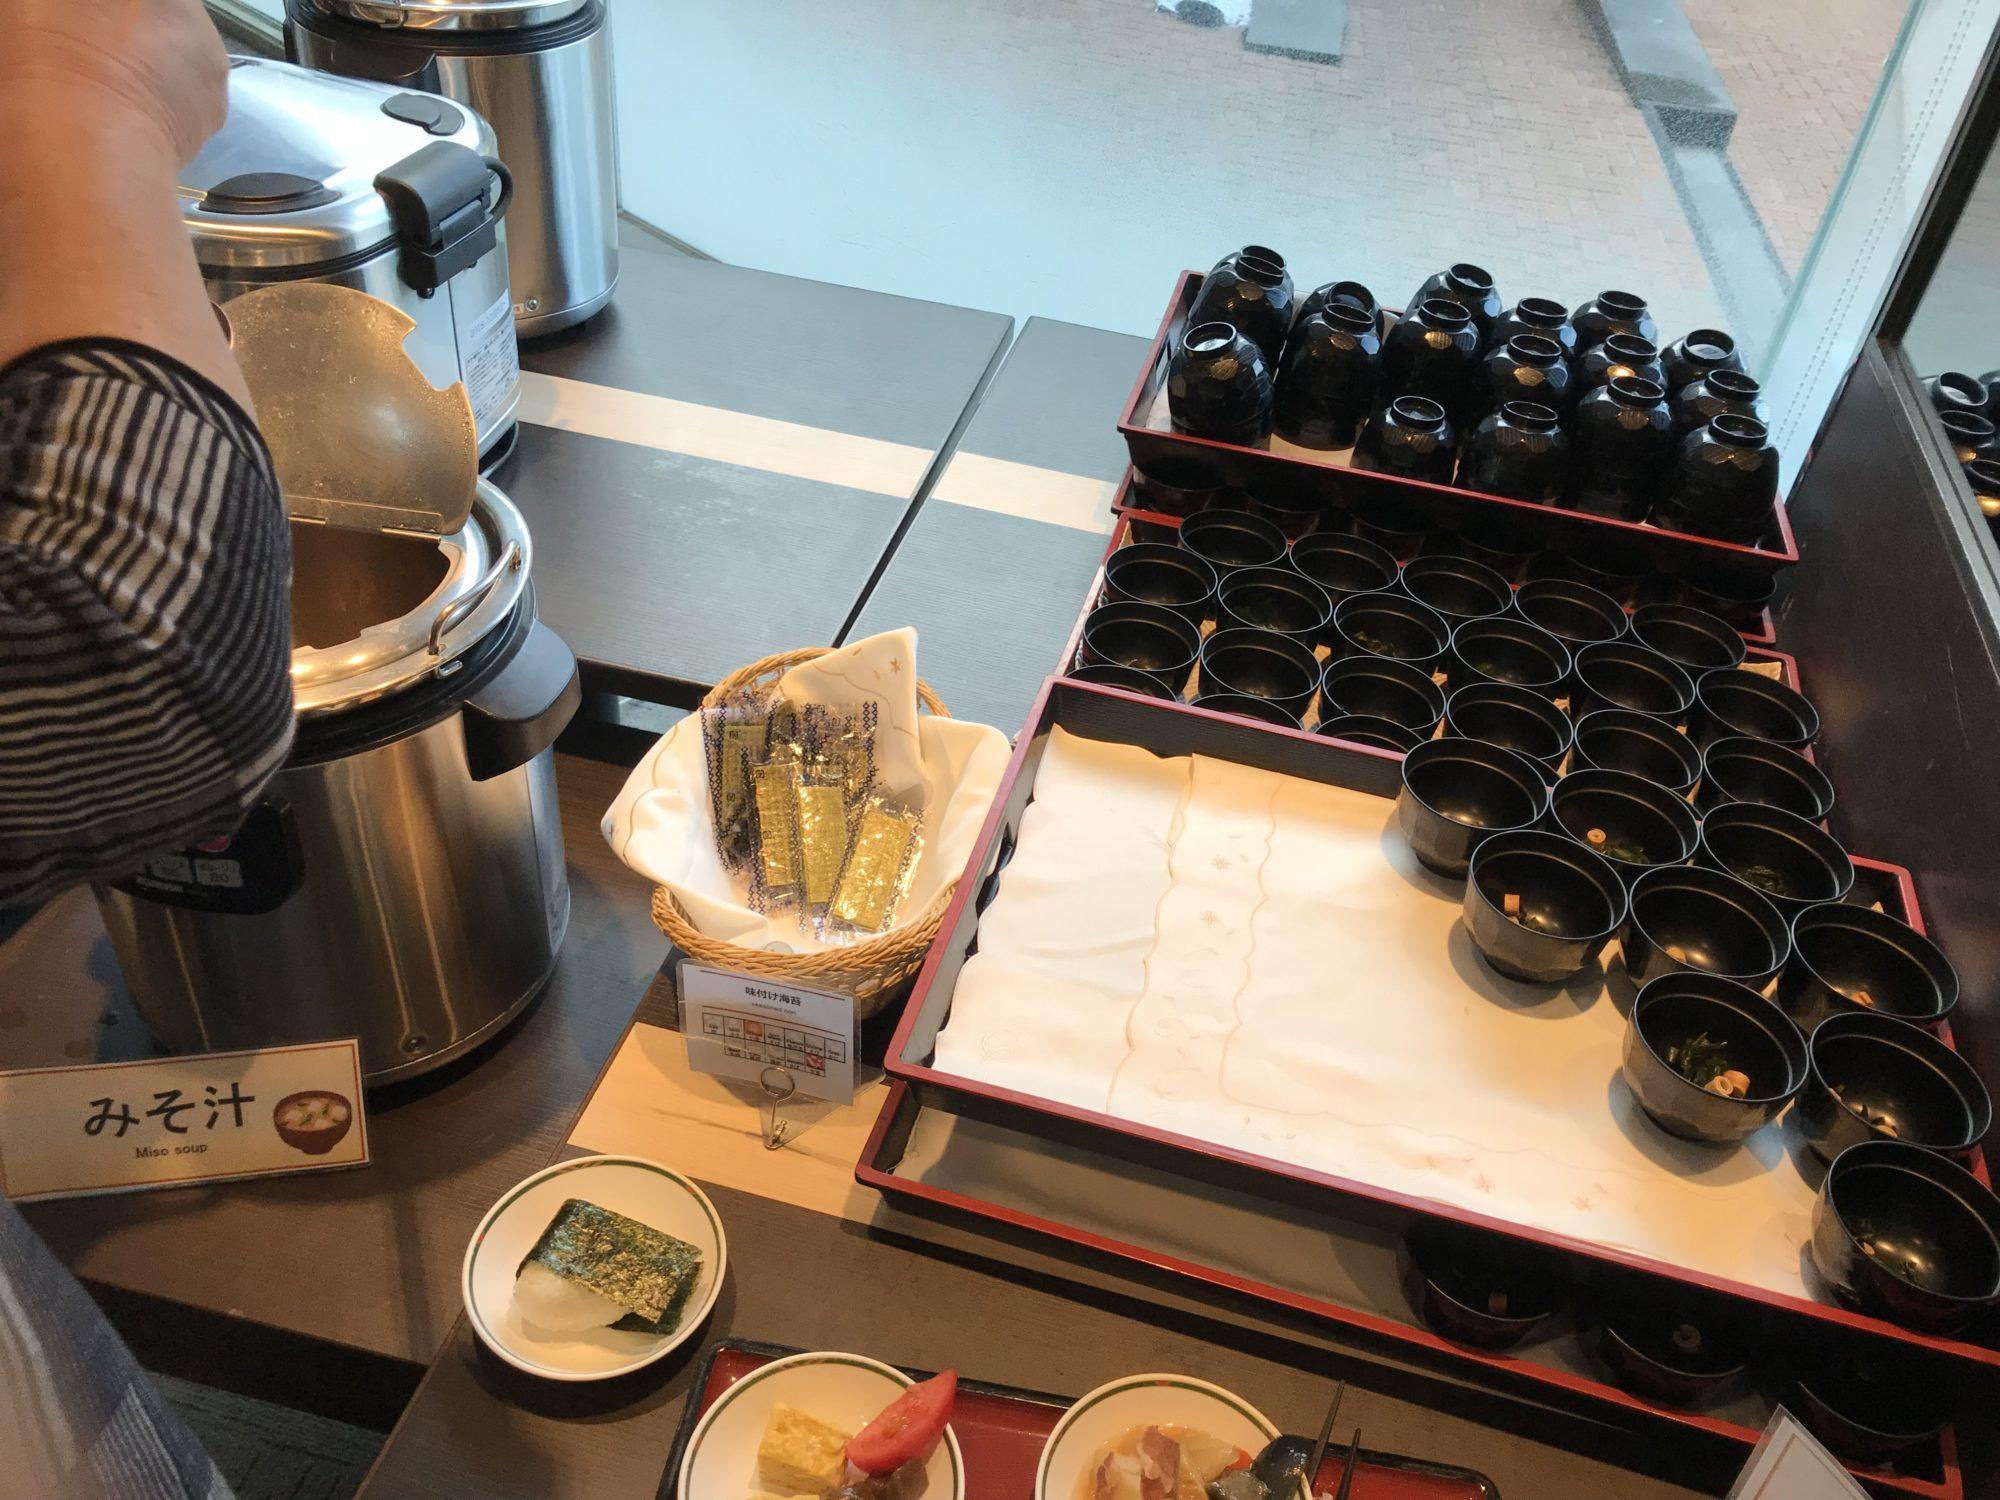 紅やホテル朝食バイキングのみそ汁